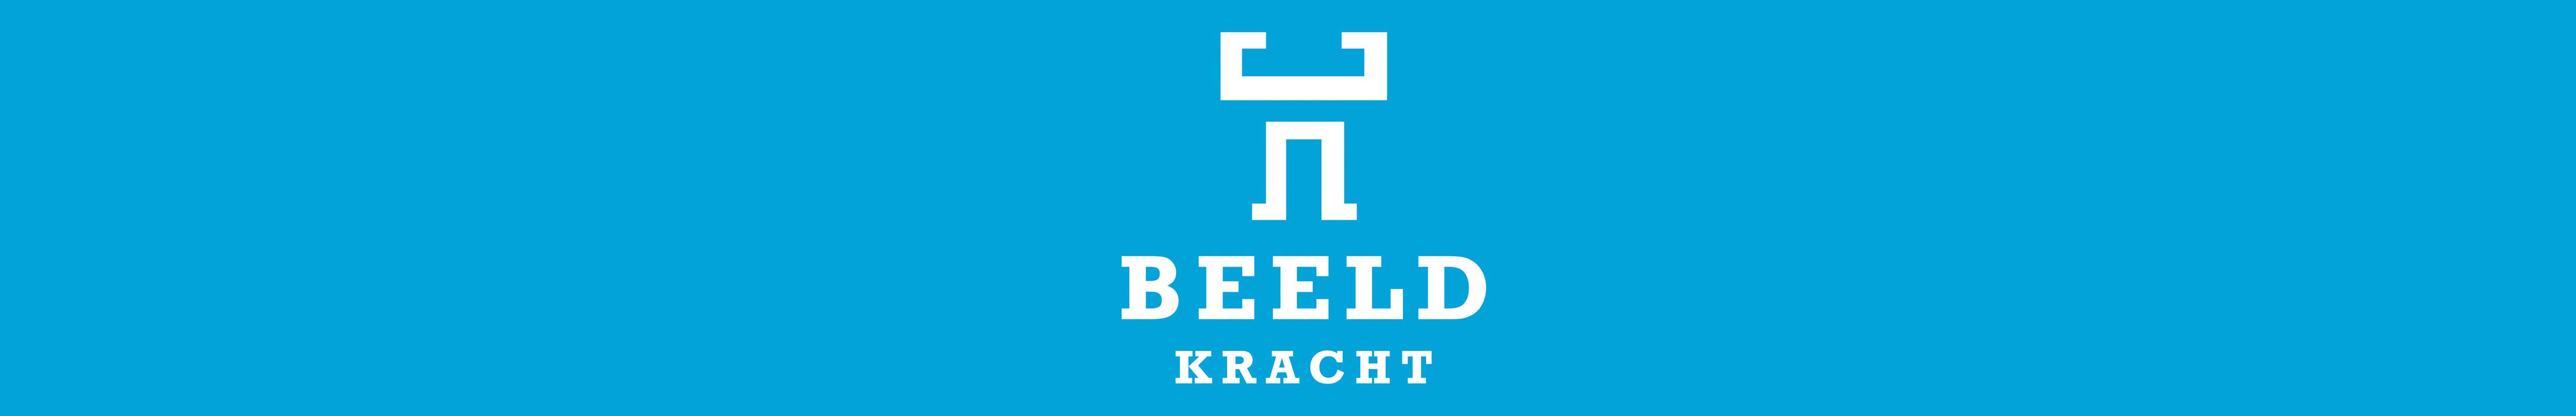 Beeldkracht logo